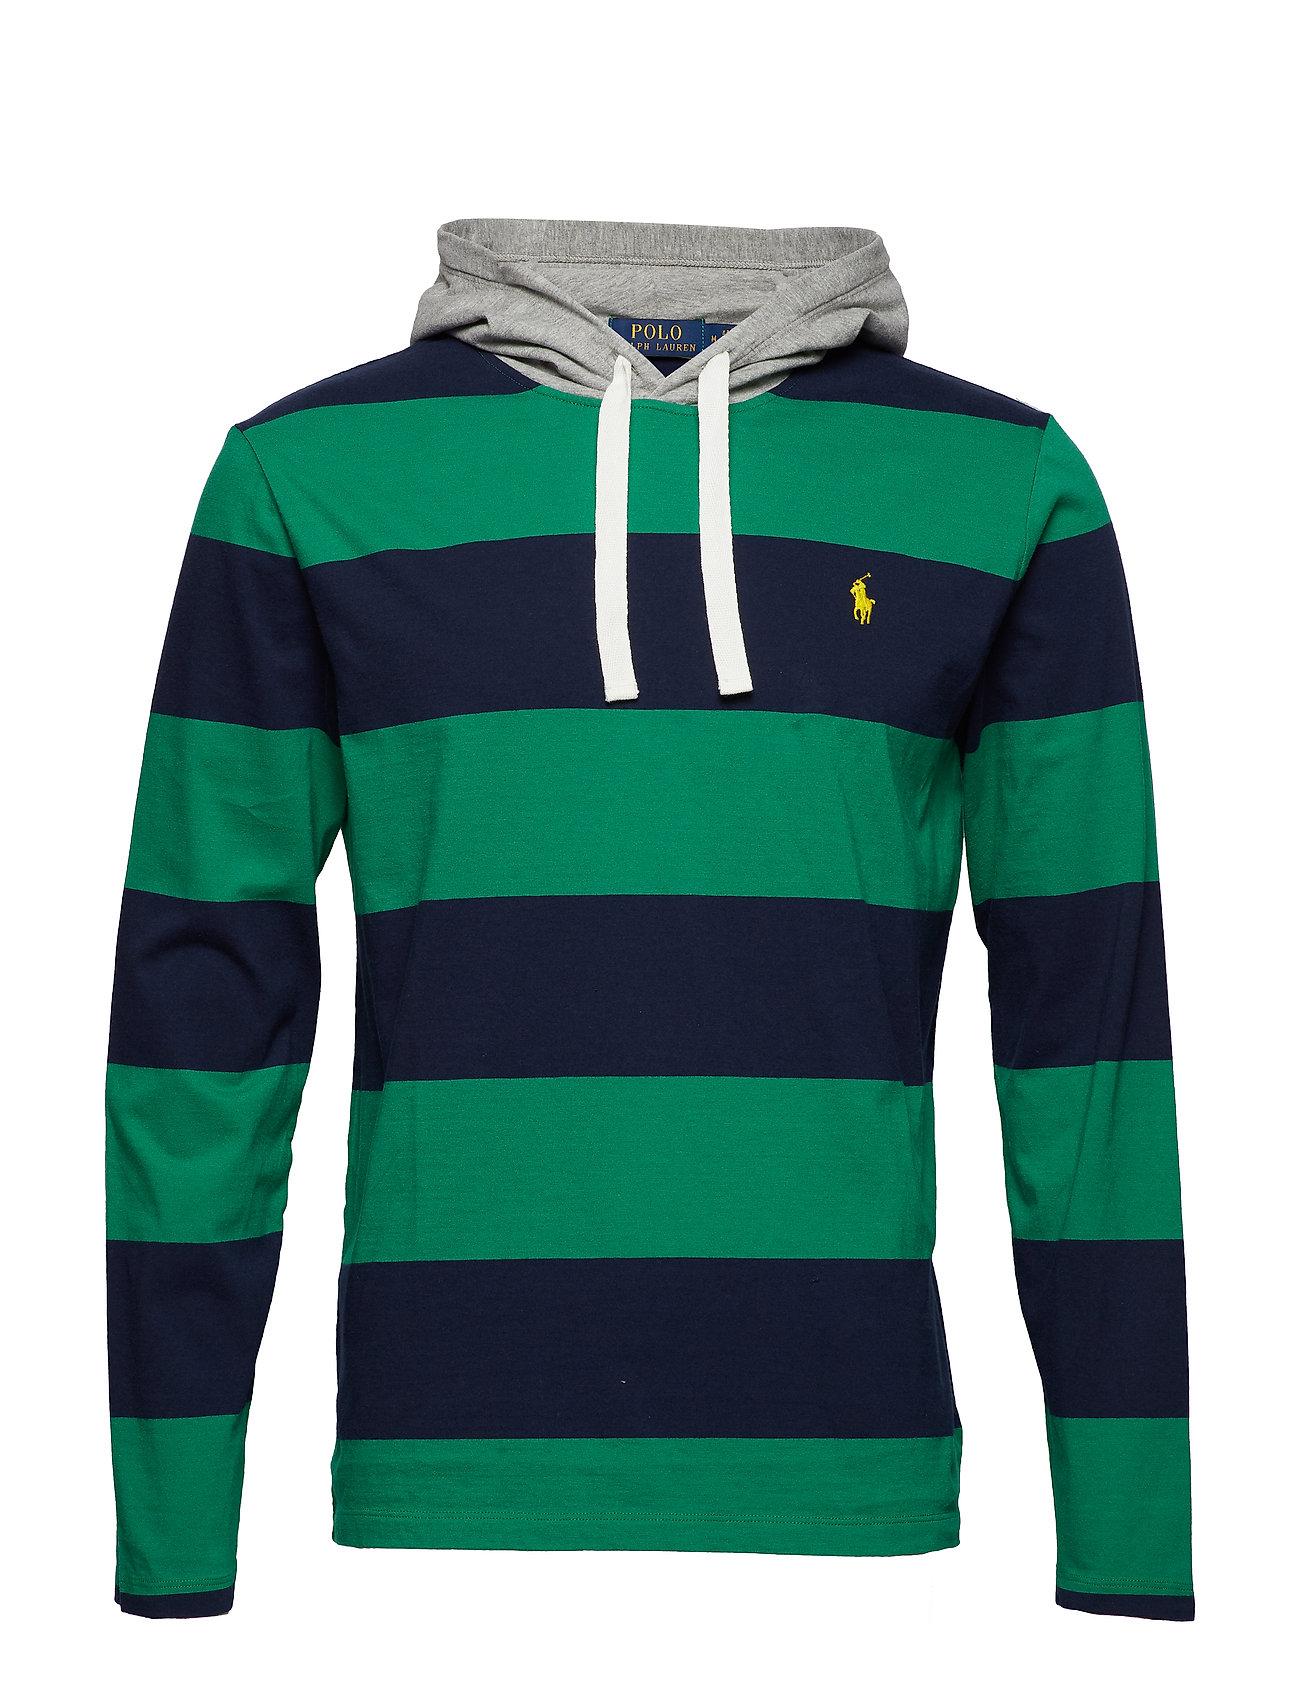 Cotton T Hooded shirtenglish Green Jersey cruPolo Ralph Lauren AR34jLq5